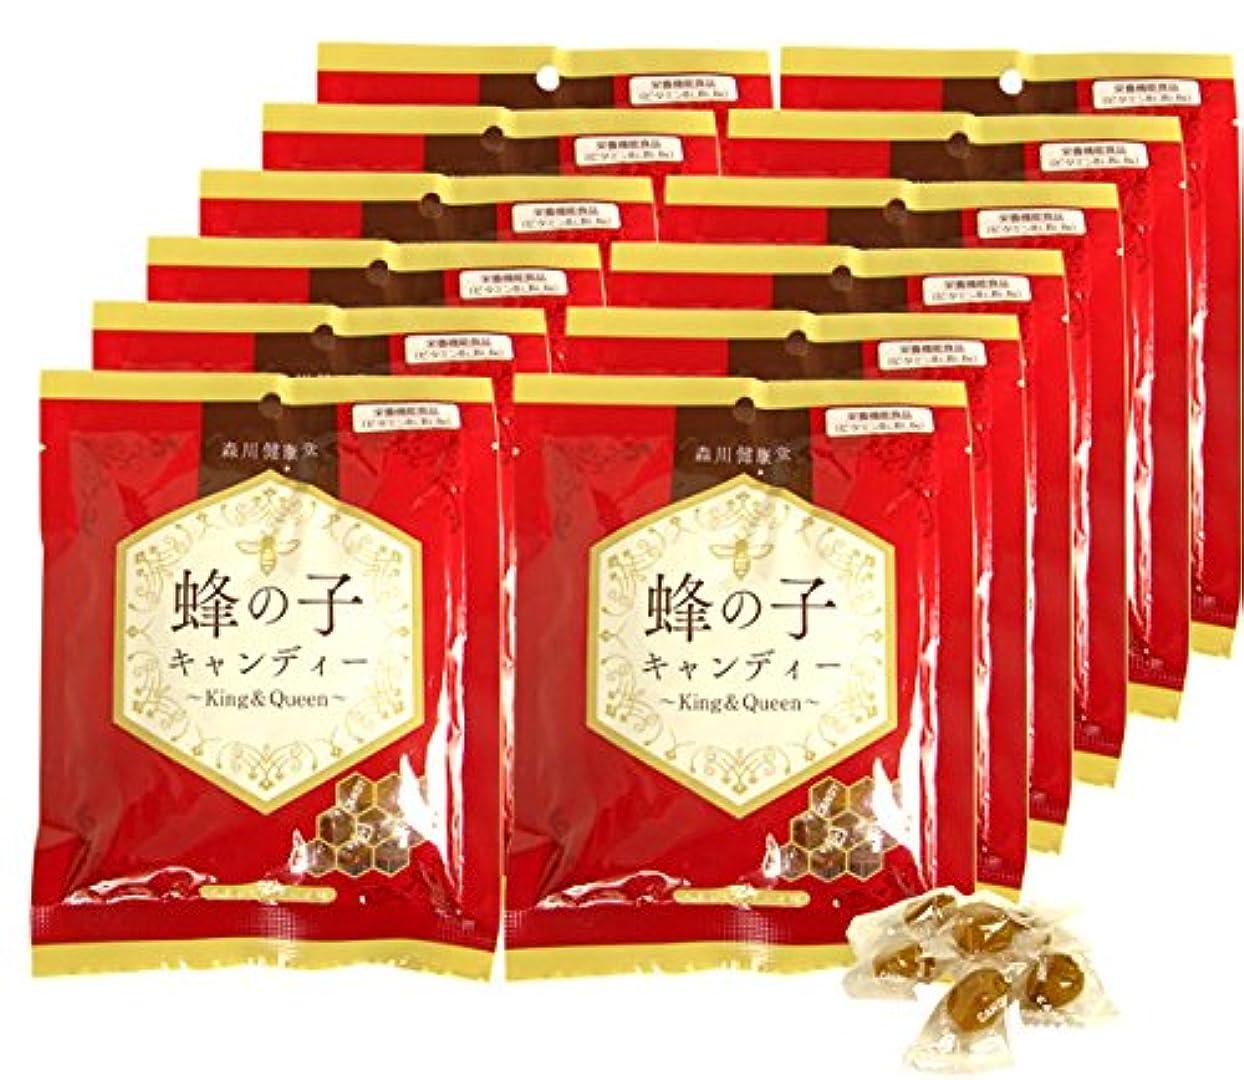 深さ移動惑星森川健康堂 蜂の子キャンディー 70g (70g×12個)